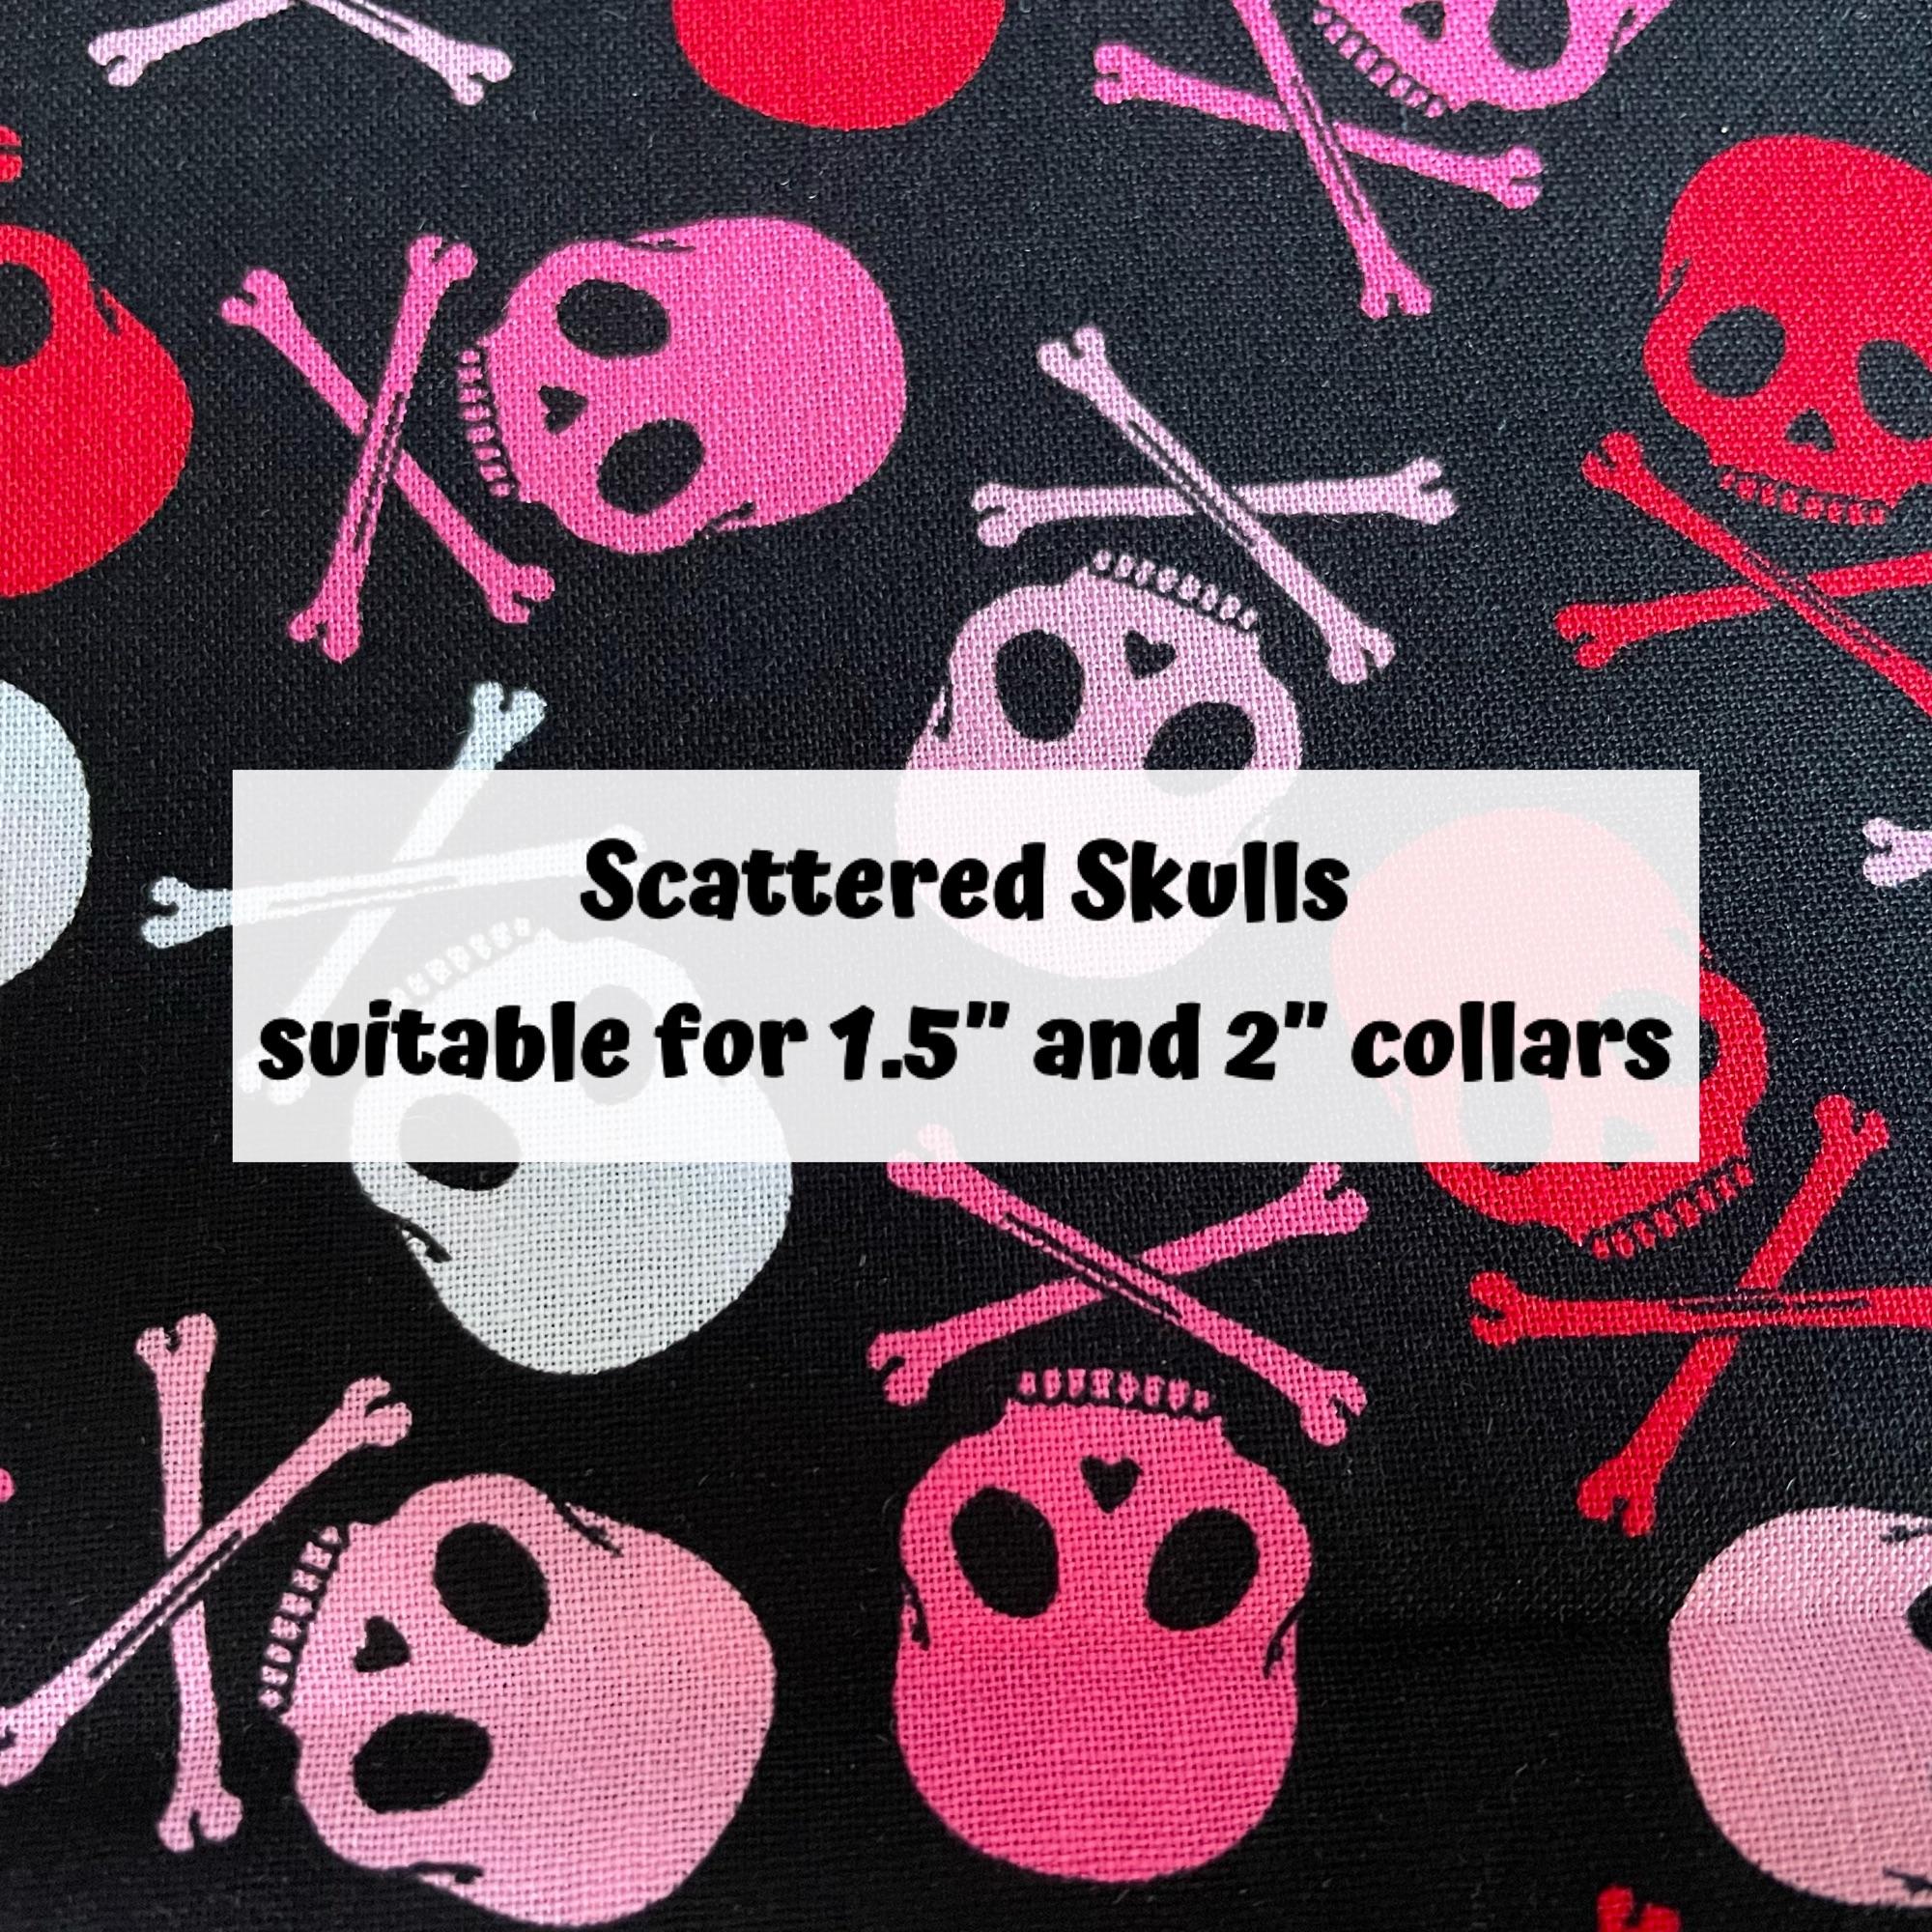 Scattered Skulls